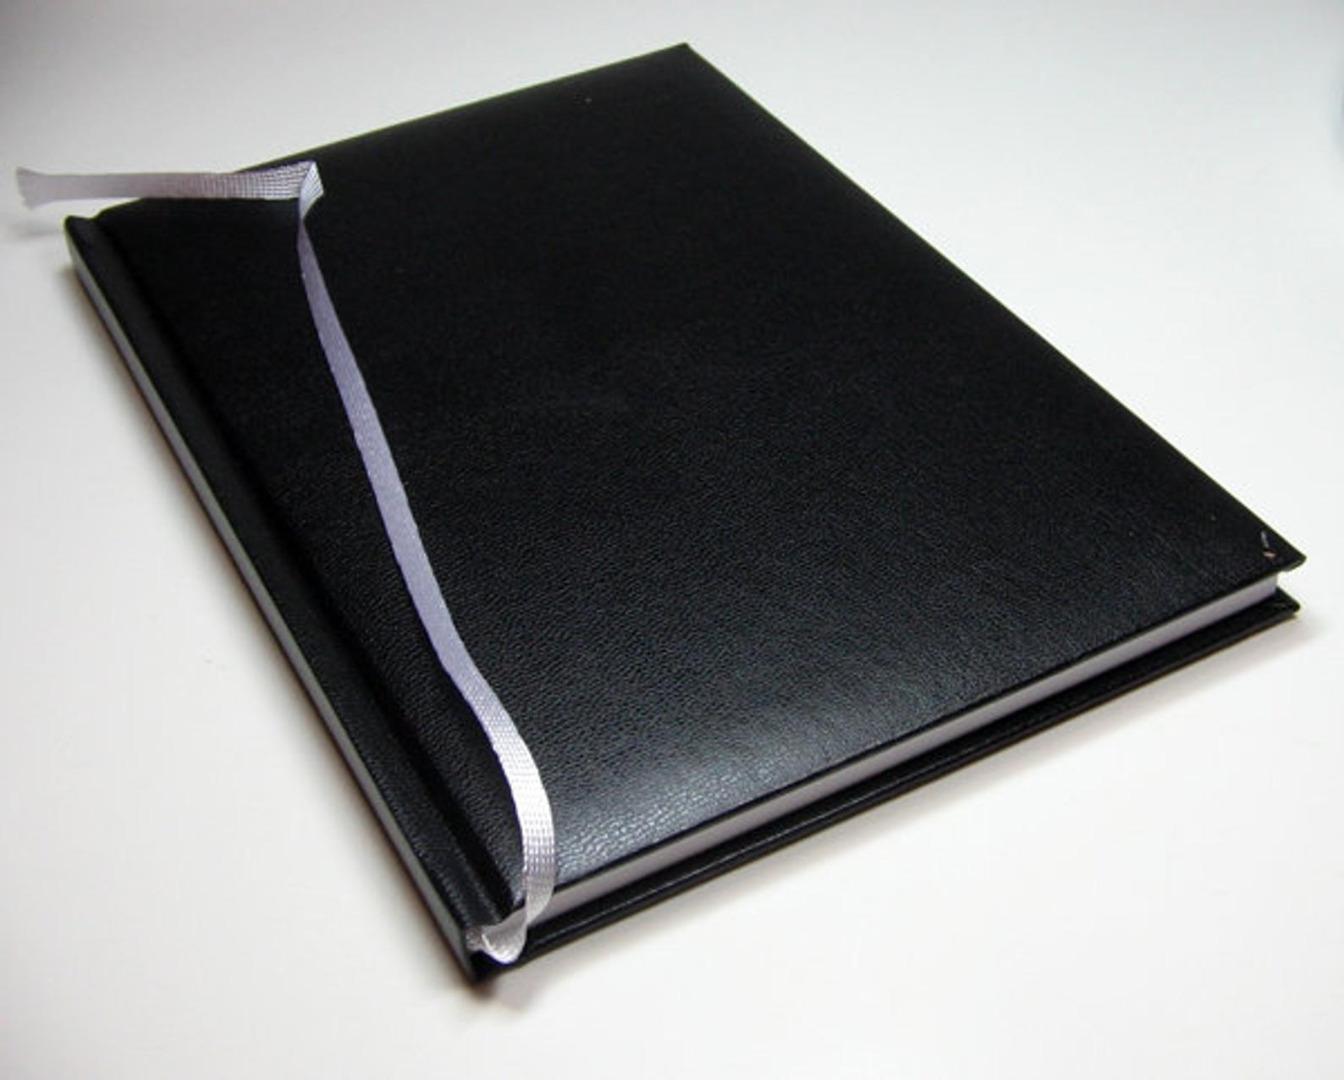 Taschenkalender DIN A5 für Passend Für - 1